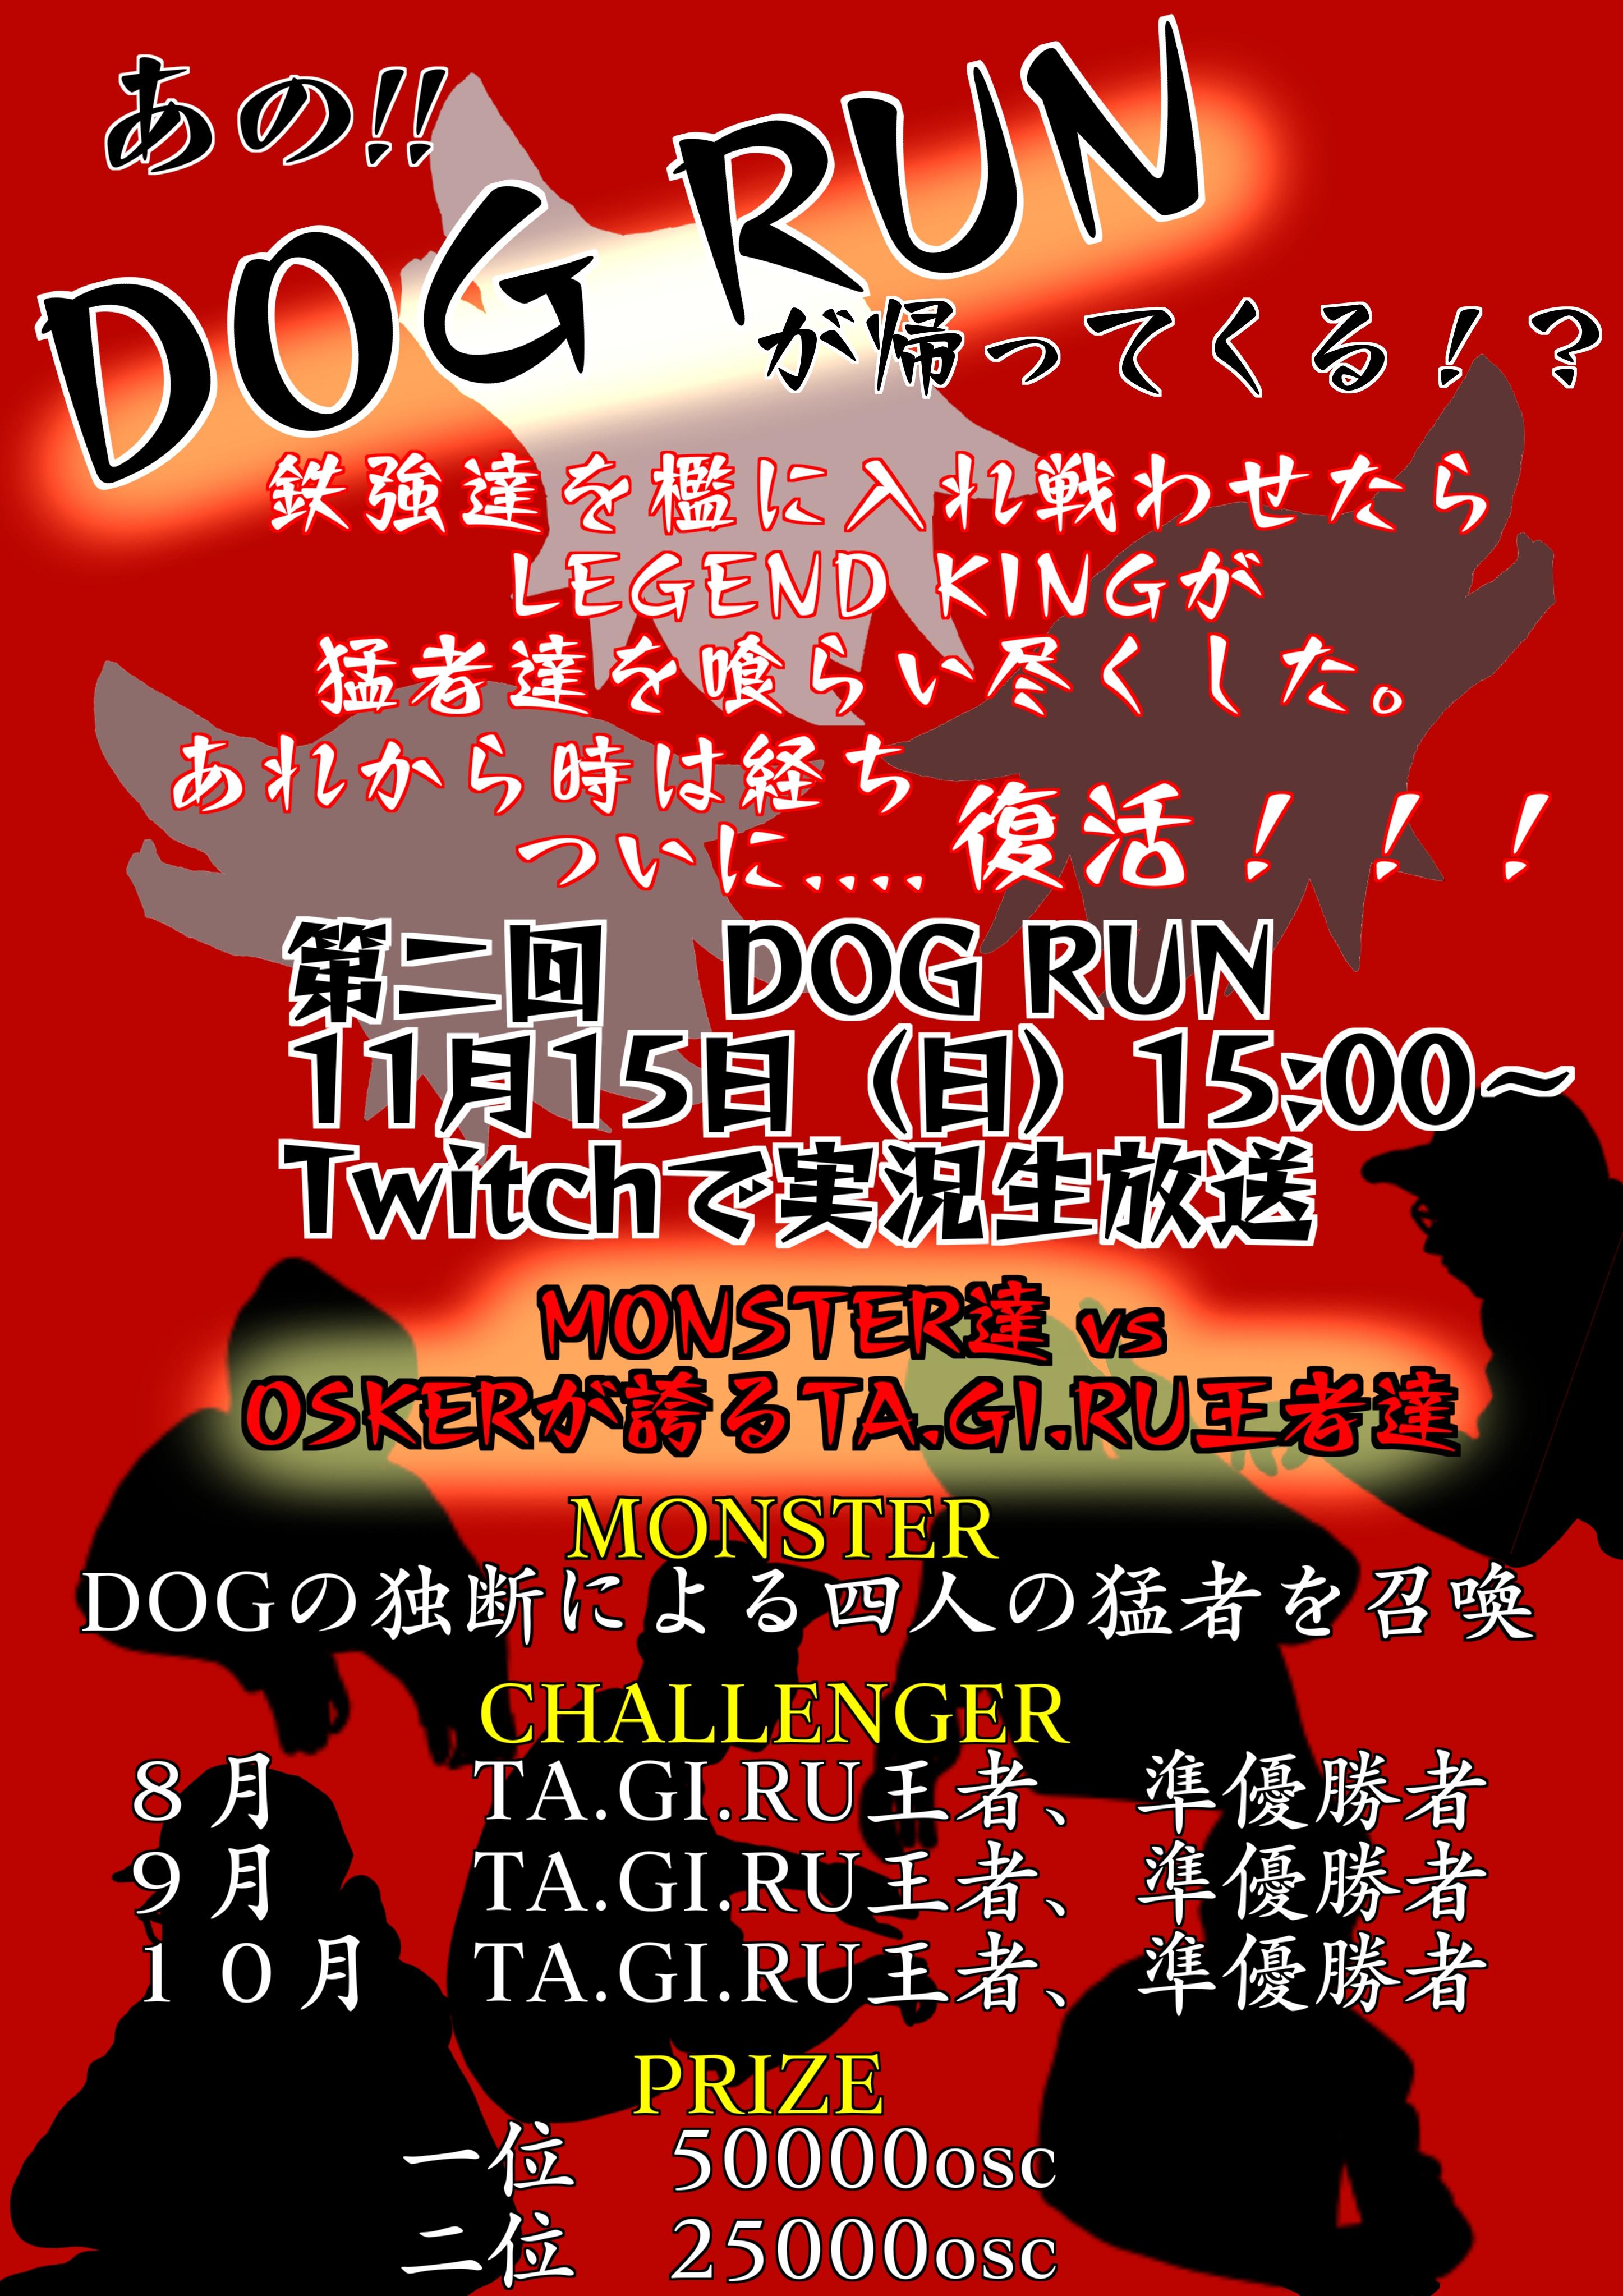 第二弾 DOG RUN 開催!!